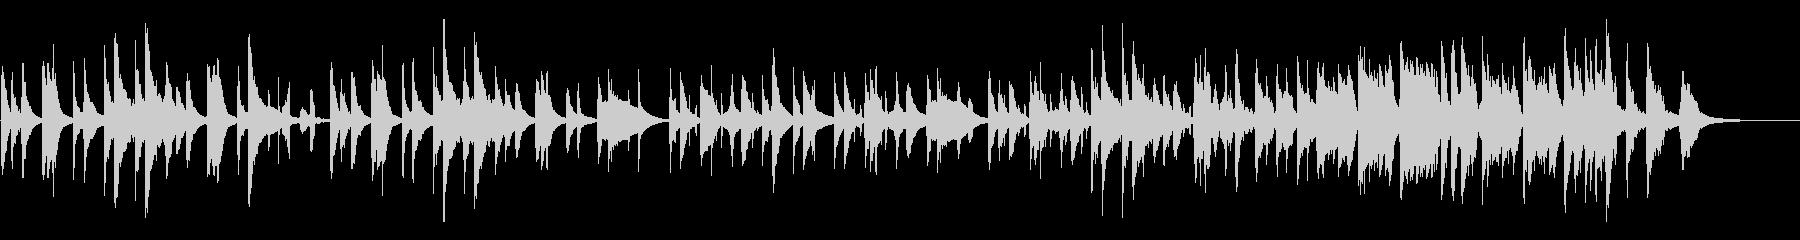 【CM動画】可愛らしいマリンバ【短縮版】の未再生の波形